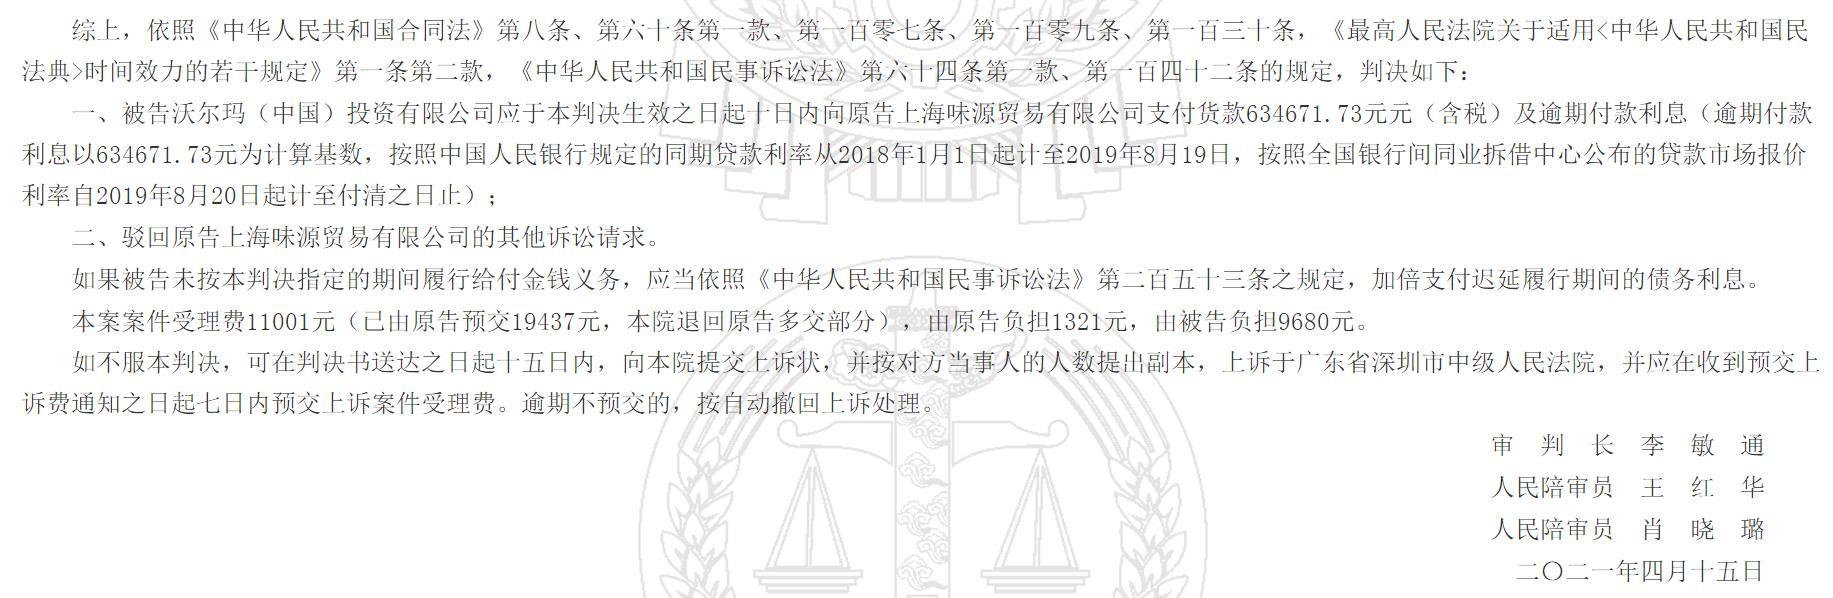 沃尔玛被强制执行:涉与供应商买卖合同纠纷